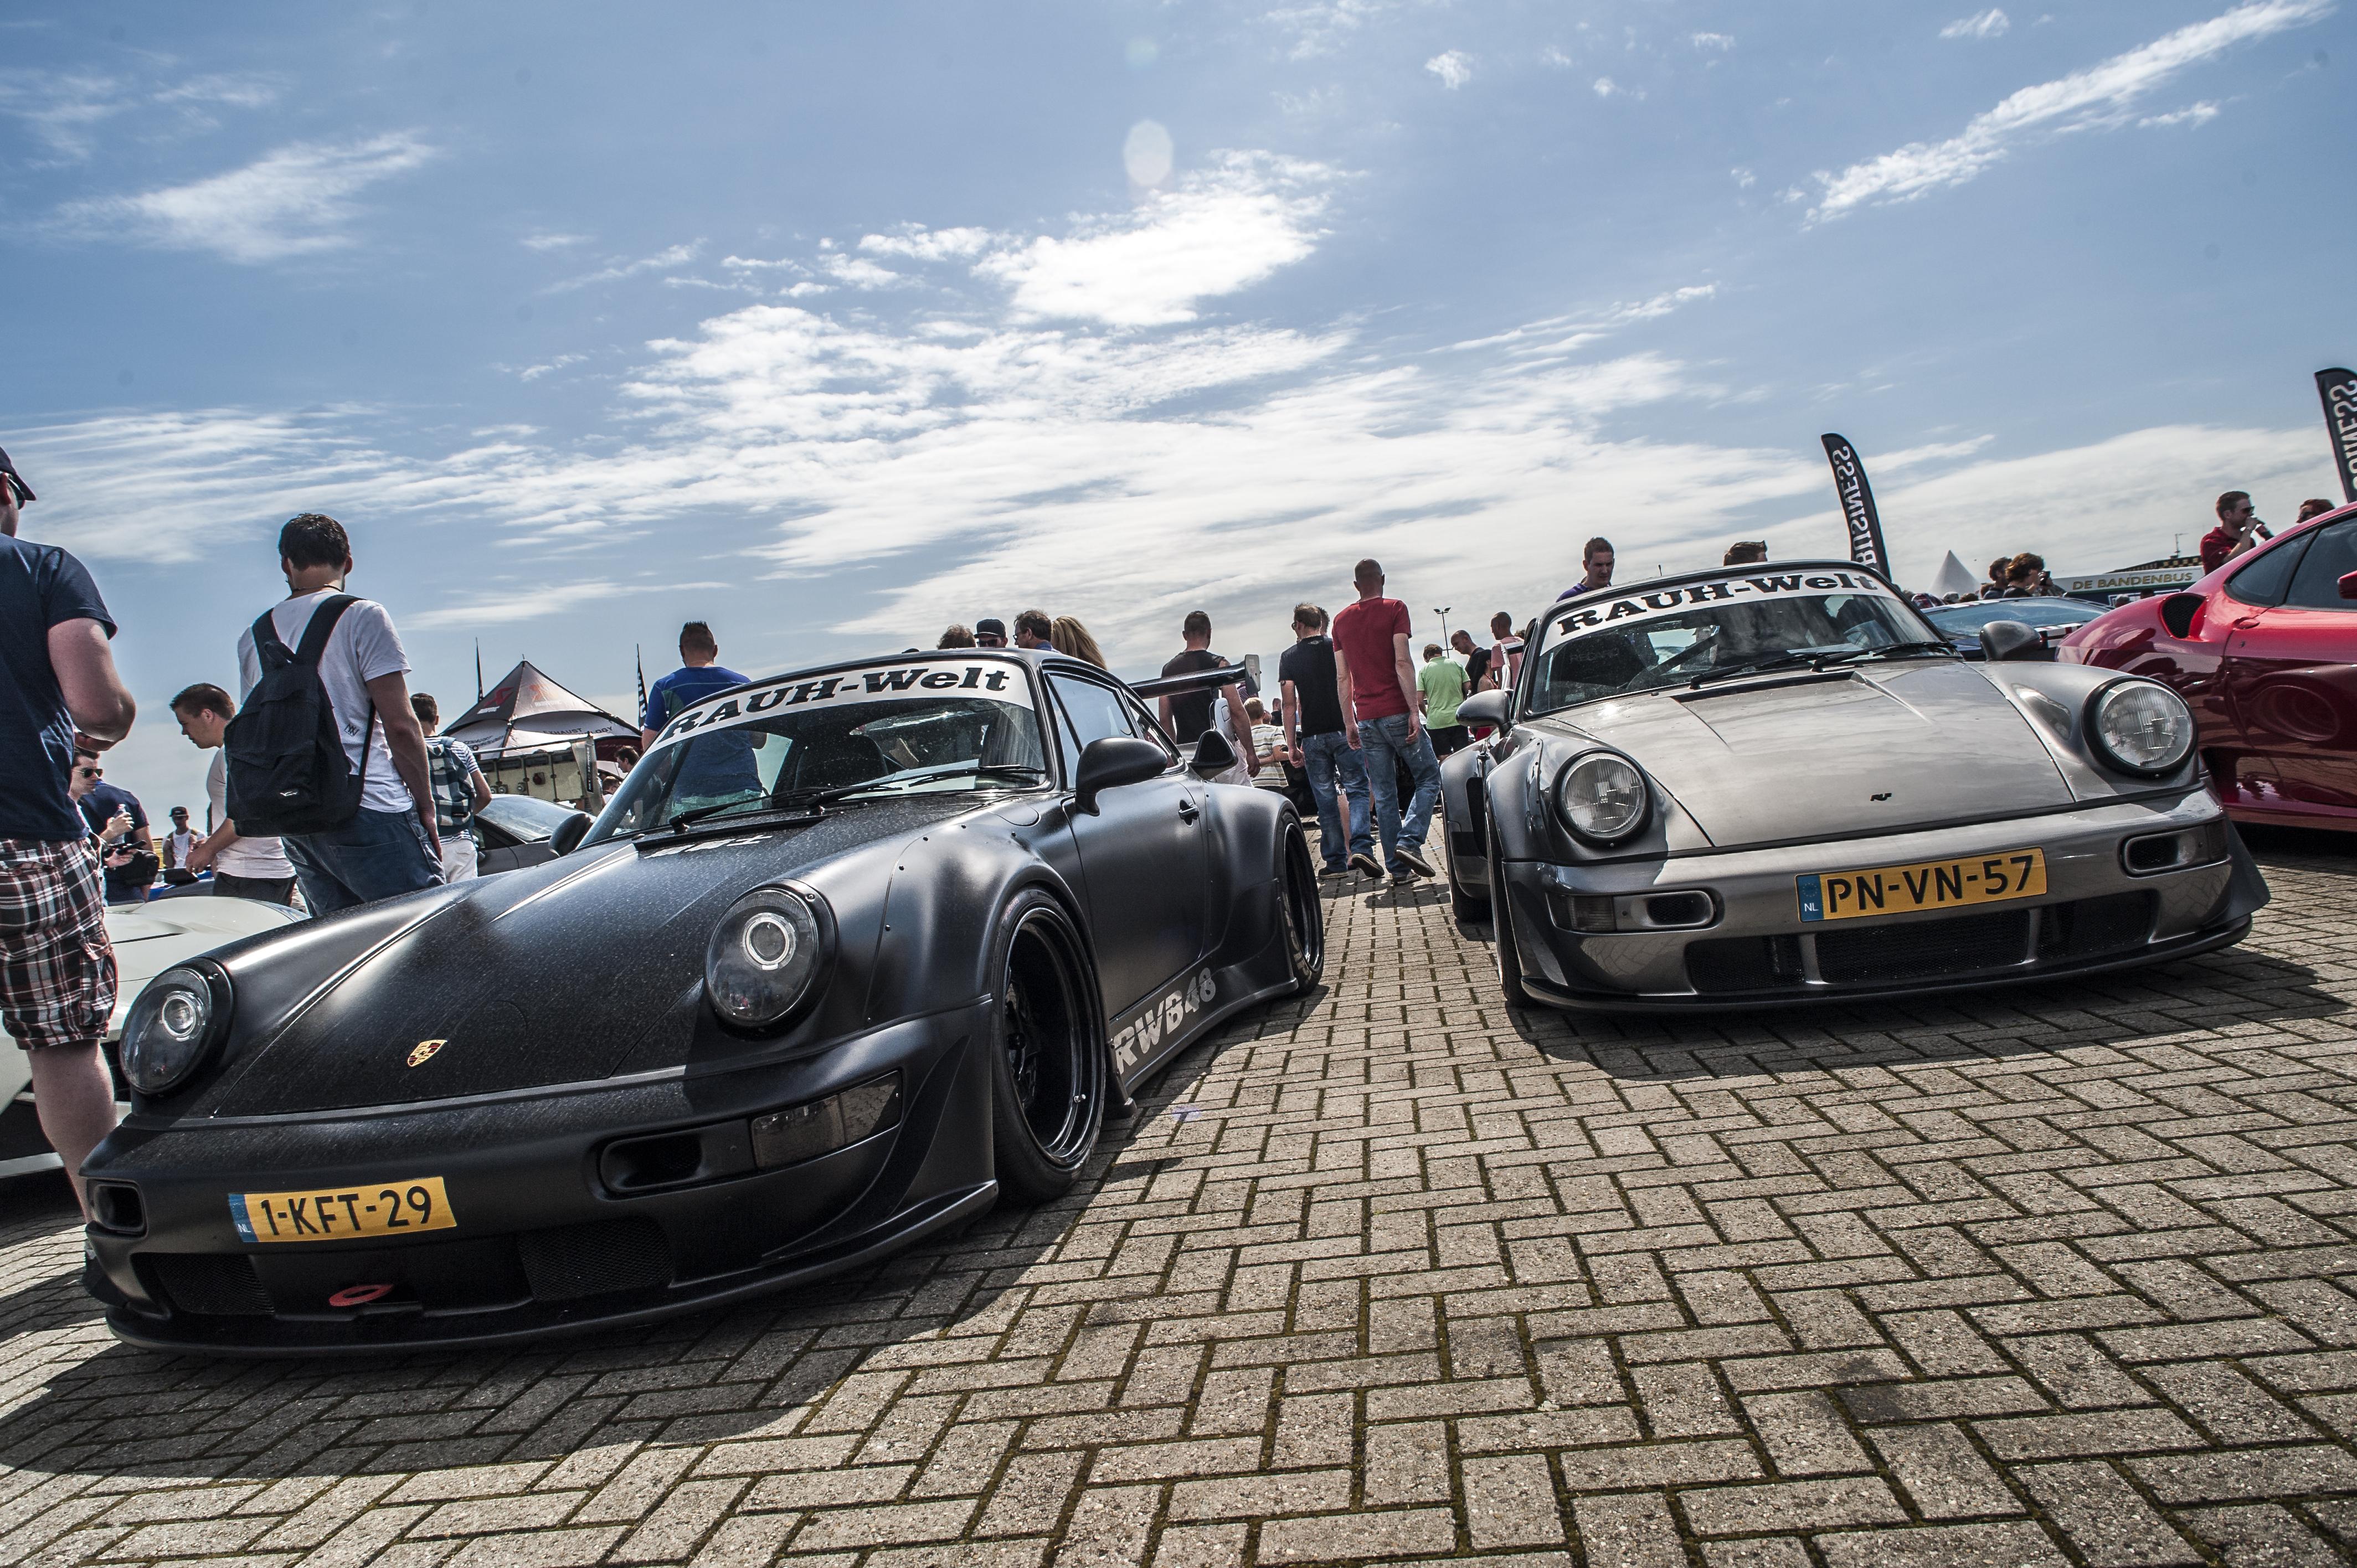 Ongekend Wallpaper : street, road, technology, Netherlands, Nikon, Porsche EK-46